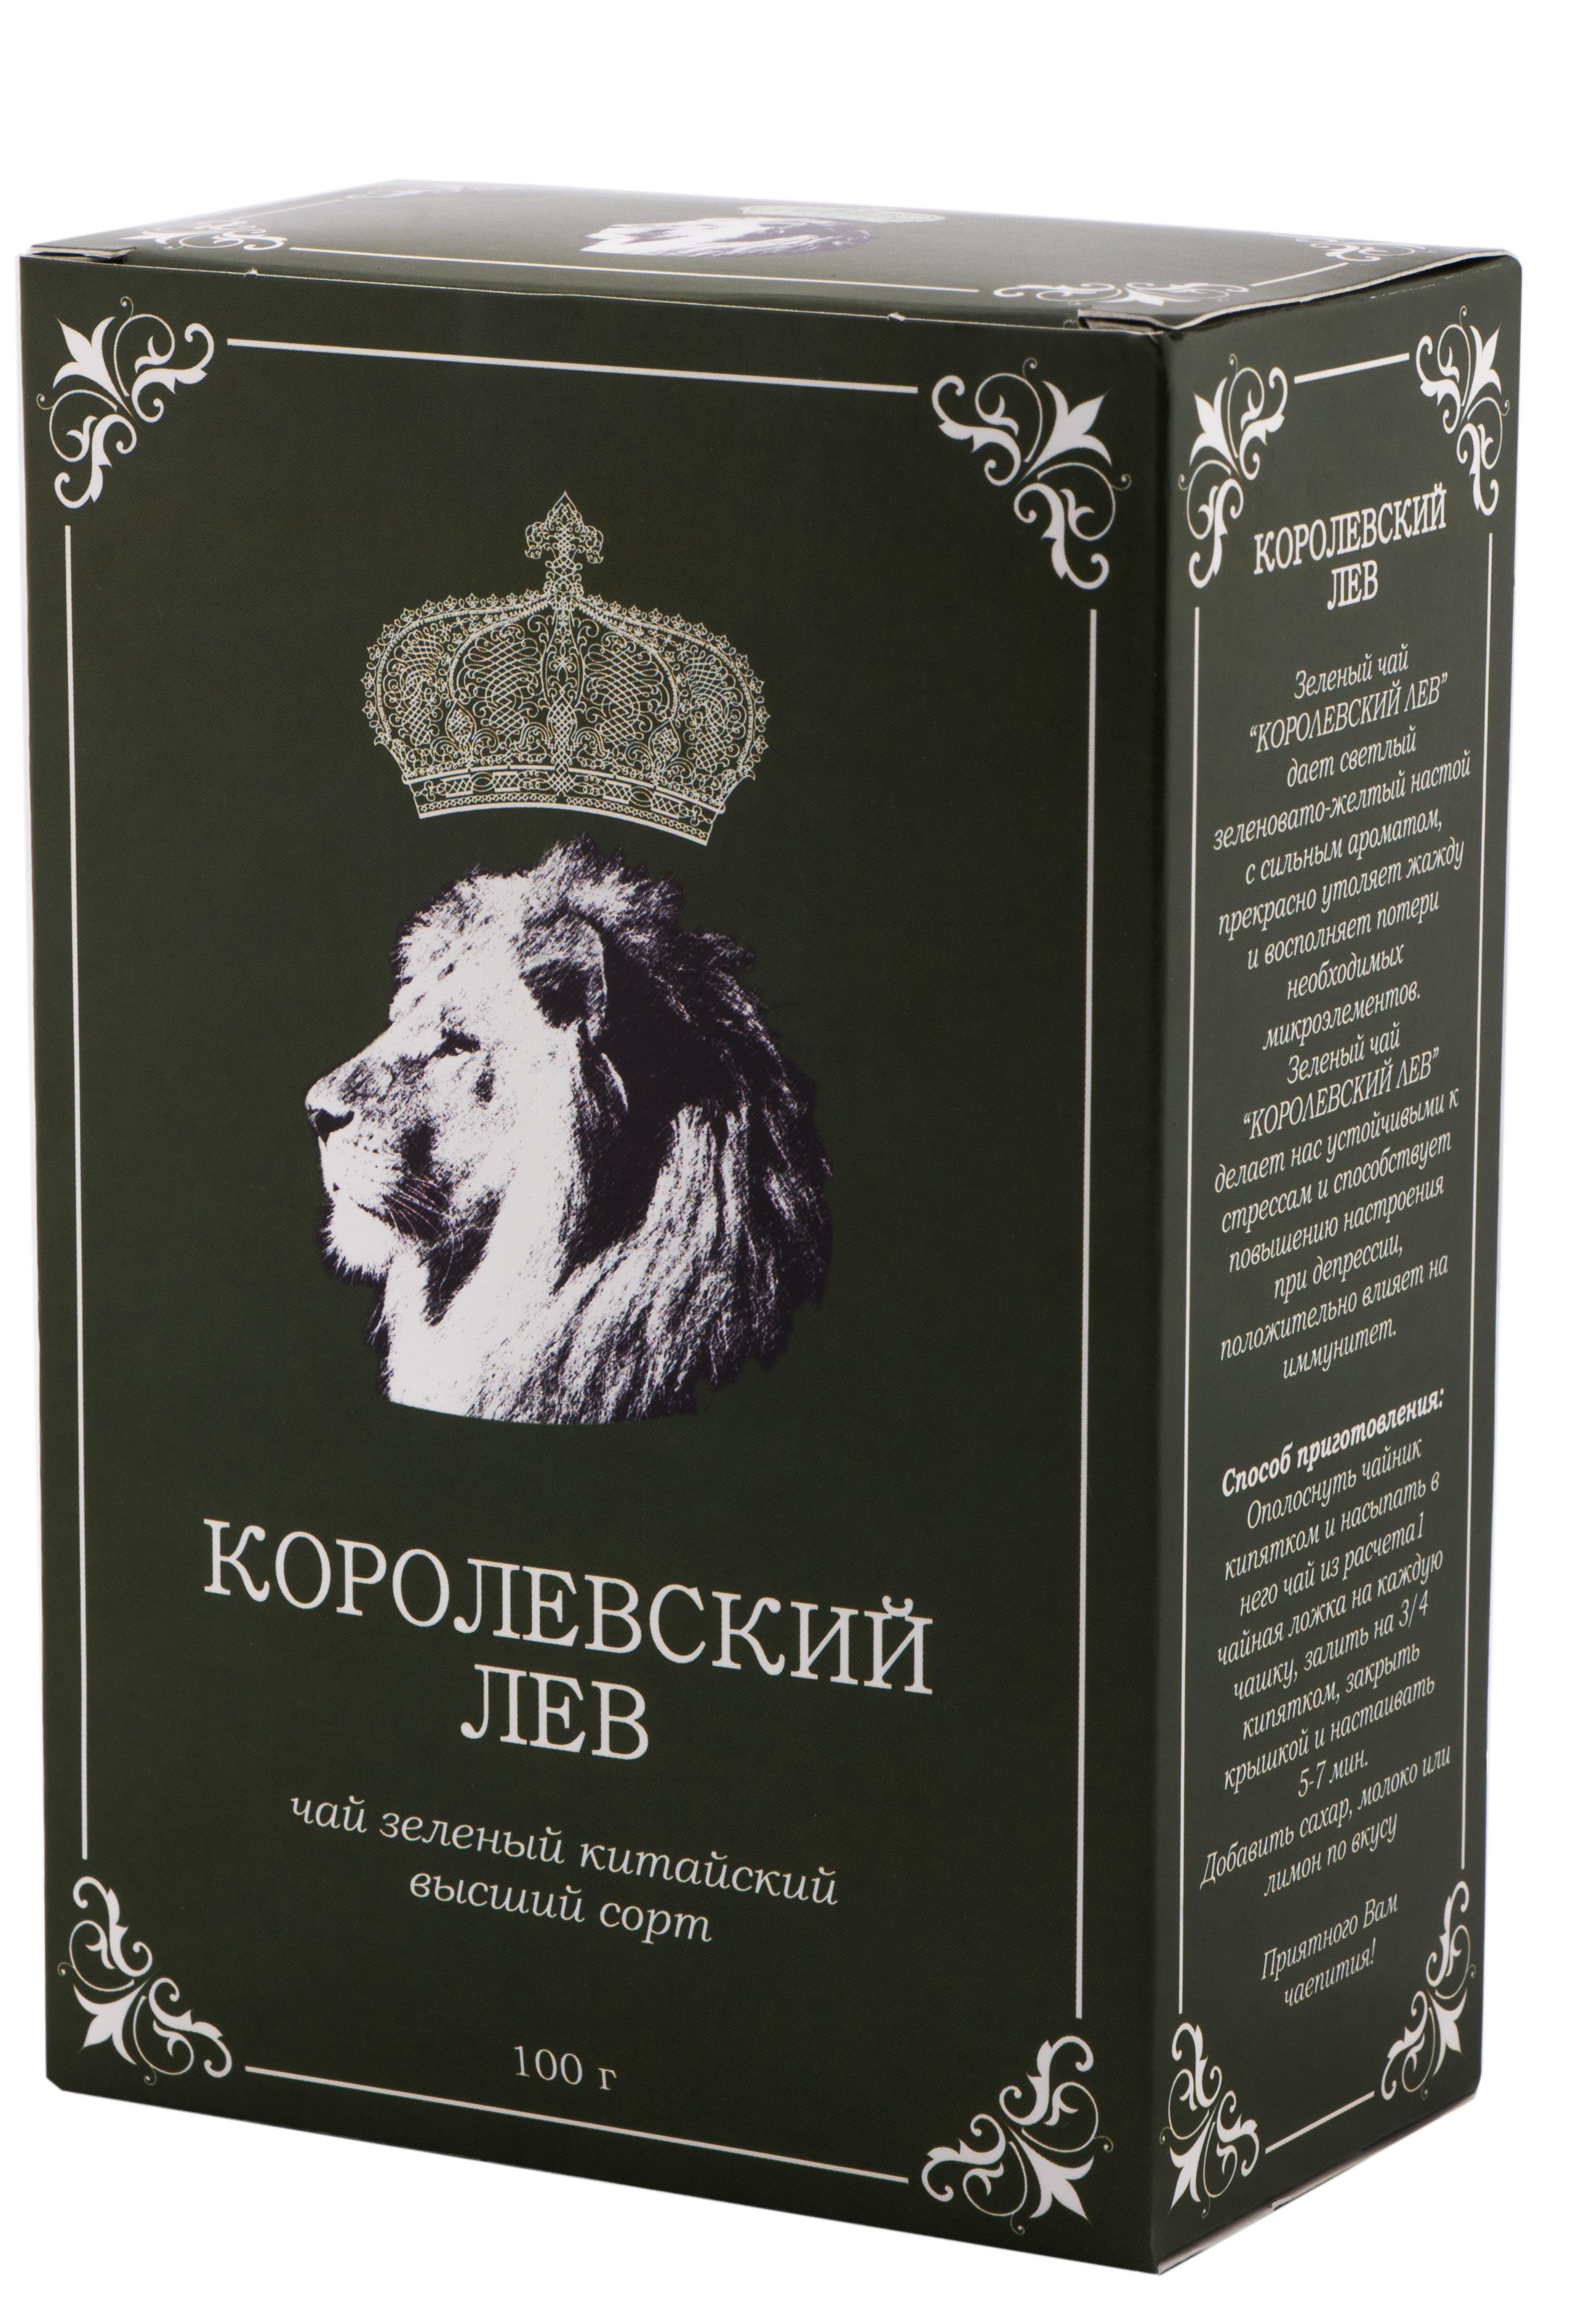 Королевский лев зелёный китайский крупный лист Т/У 100 гр